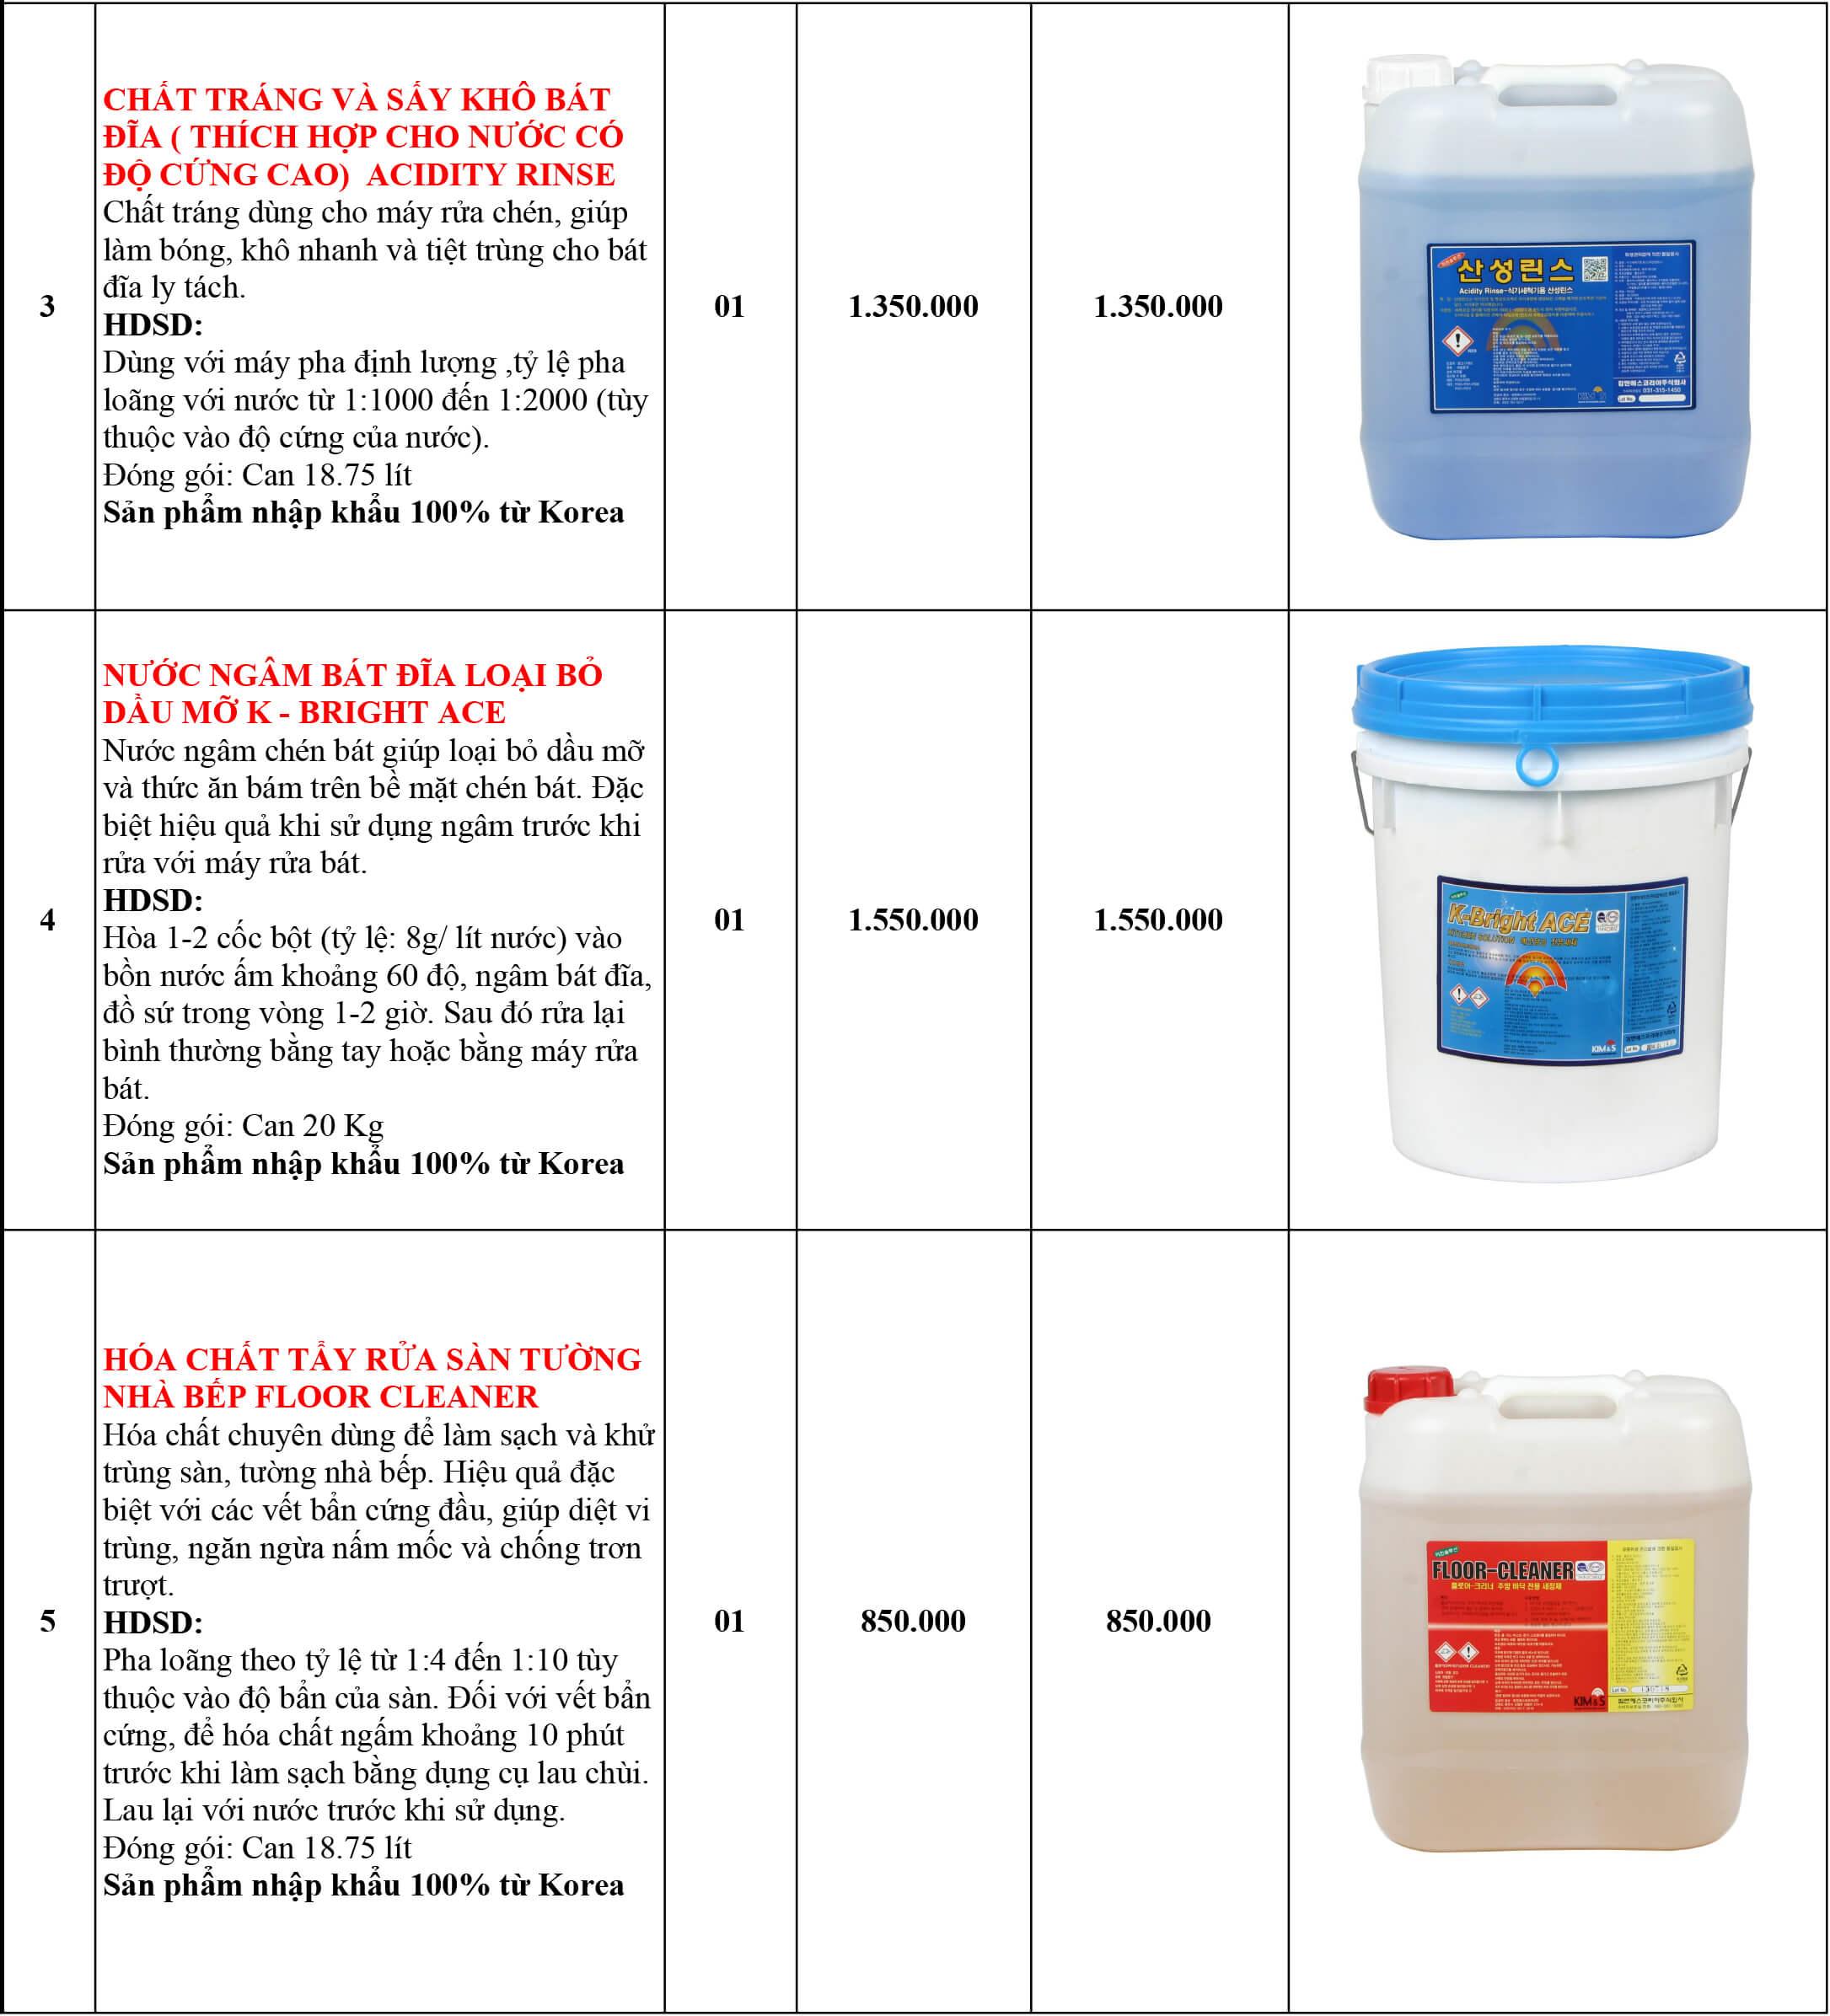 giá hóa chất tẩy rửa nhà bếp